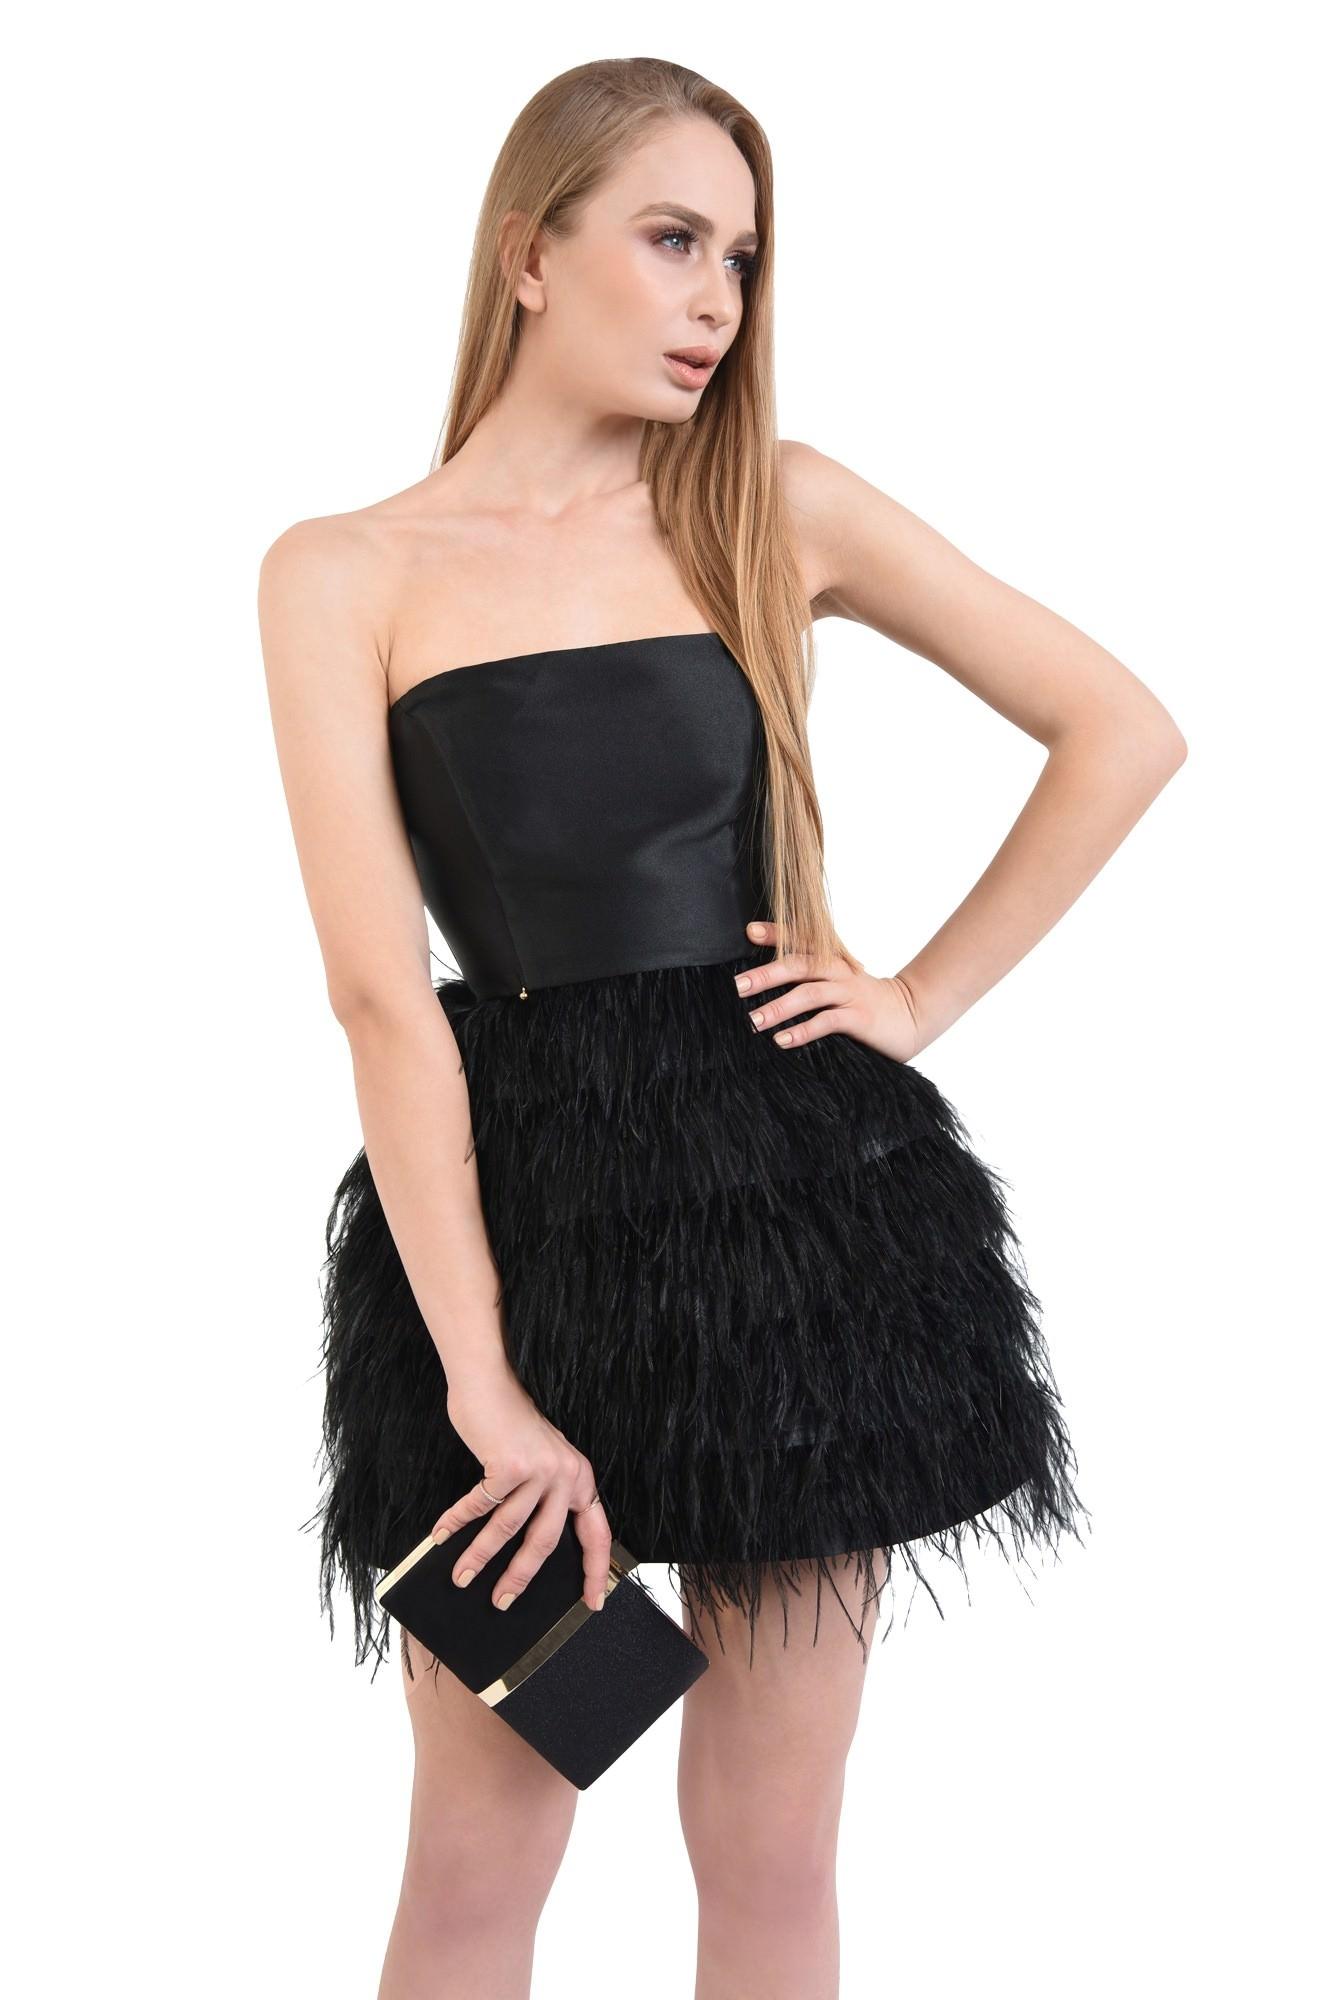 0 - rochie de ocazie, mini, pene de strut, corset